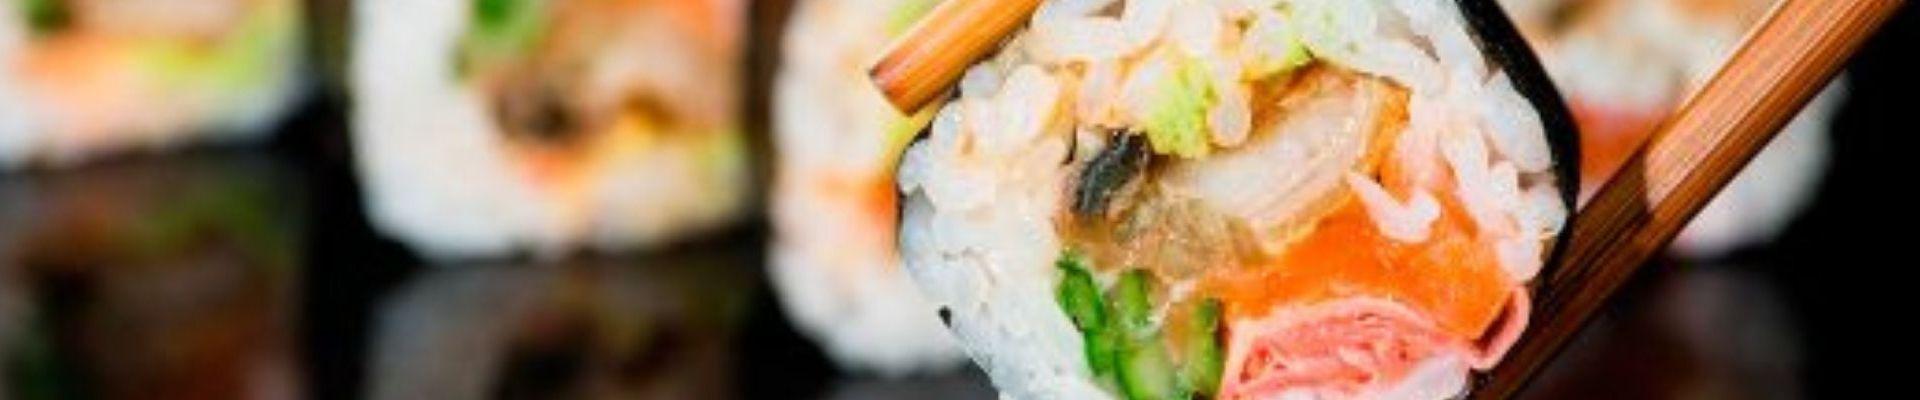 El mejor sushi a domicilio en Ruzafa